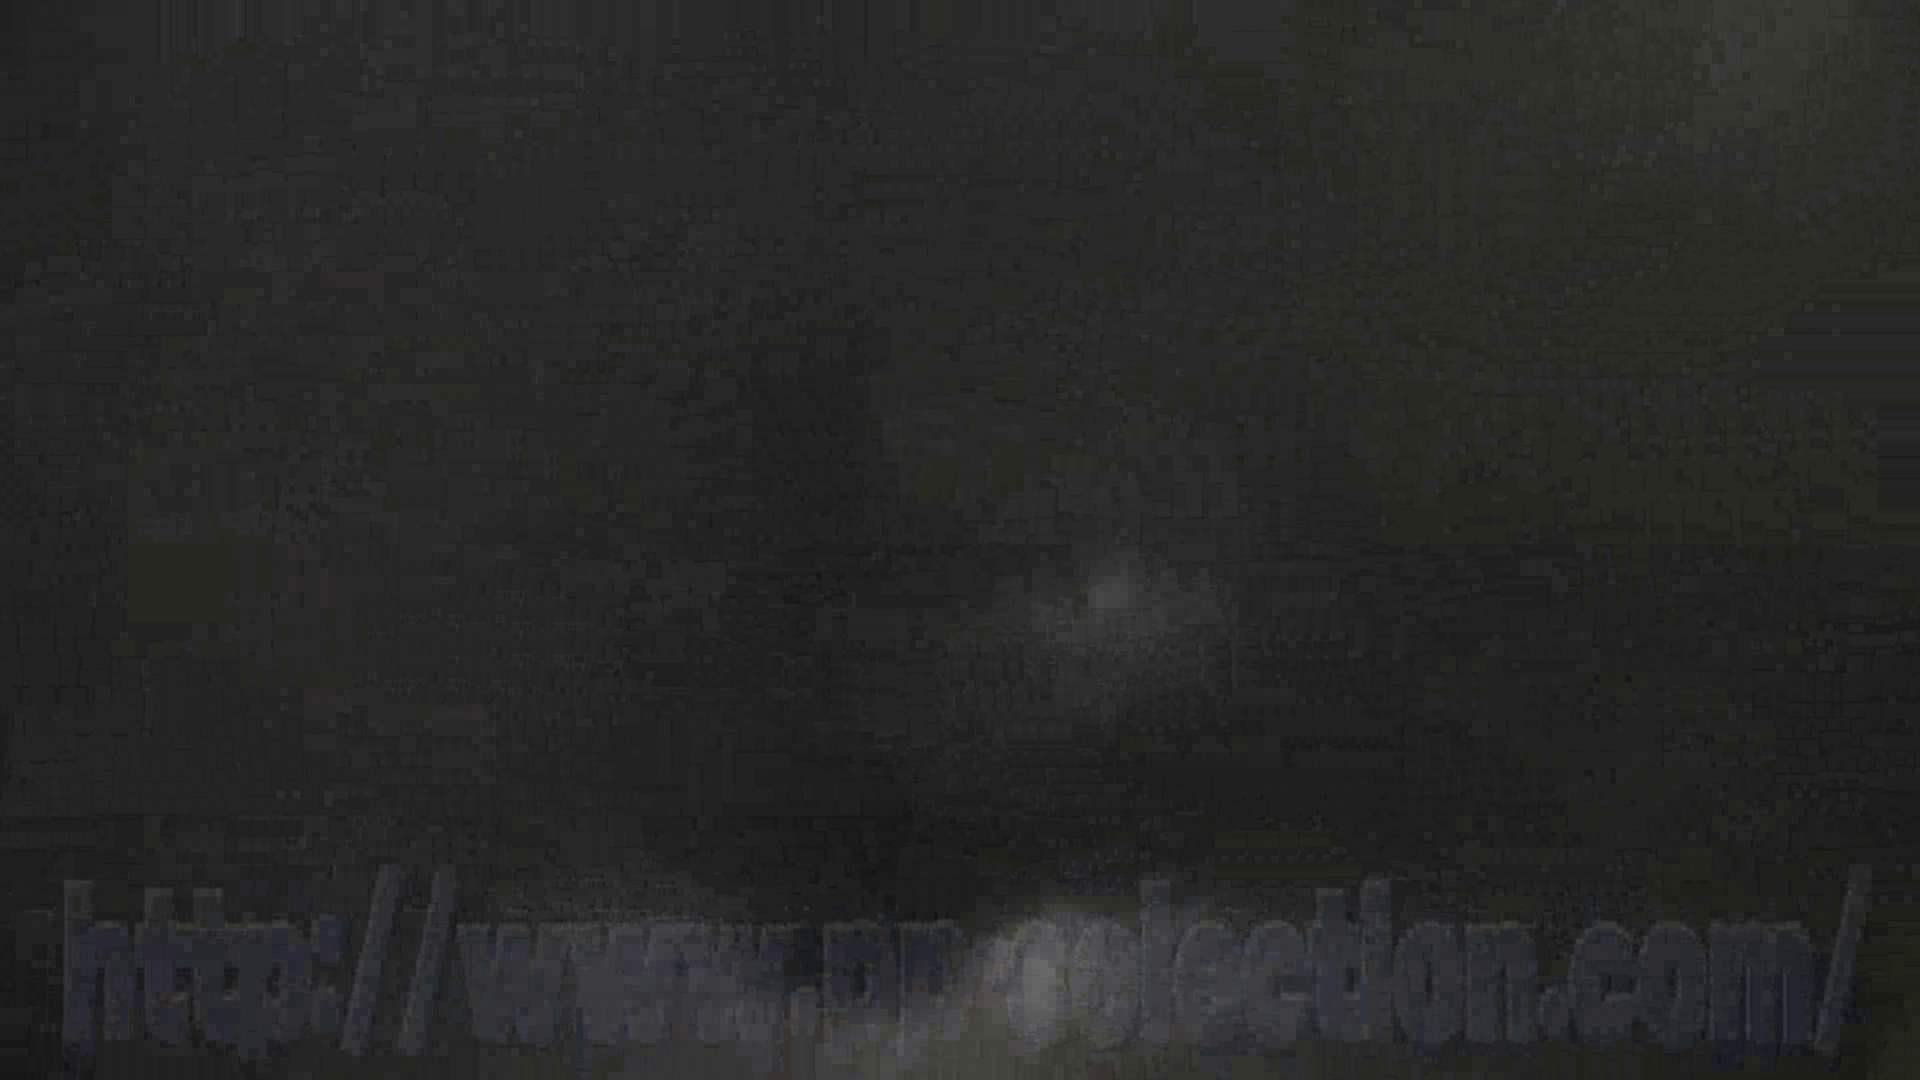 なんだこれVol.12 美魔女登場、 HD万歳!! 違いが判る映像美!! 美しいOLの裸体  94pic 82